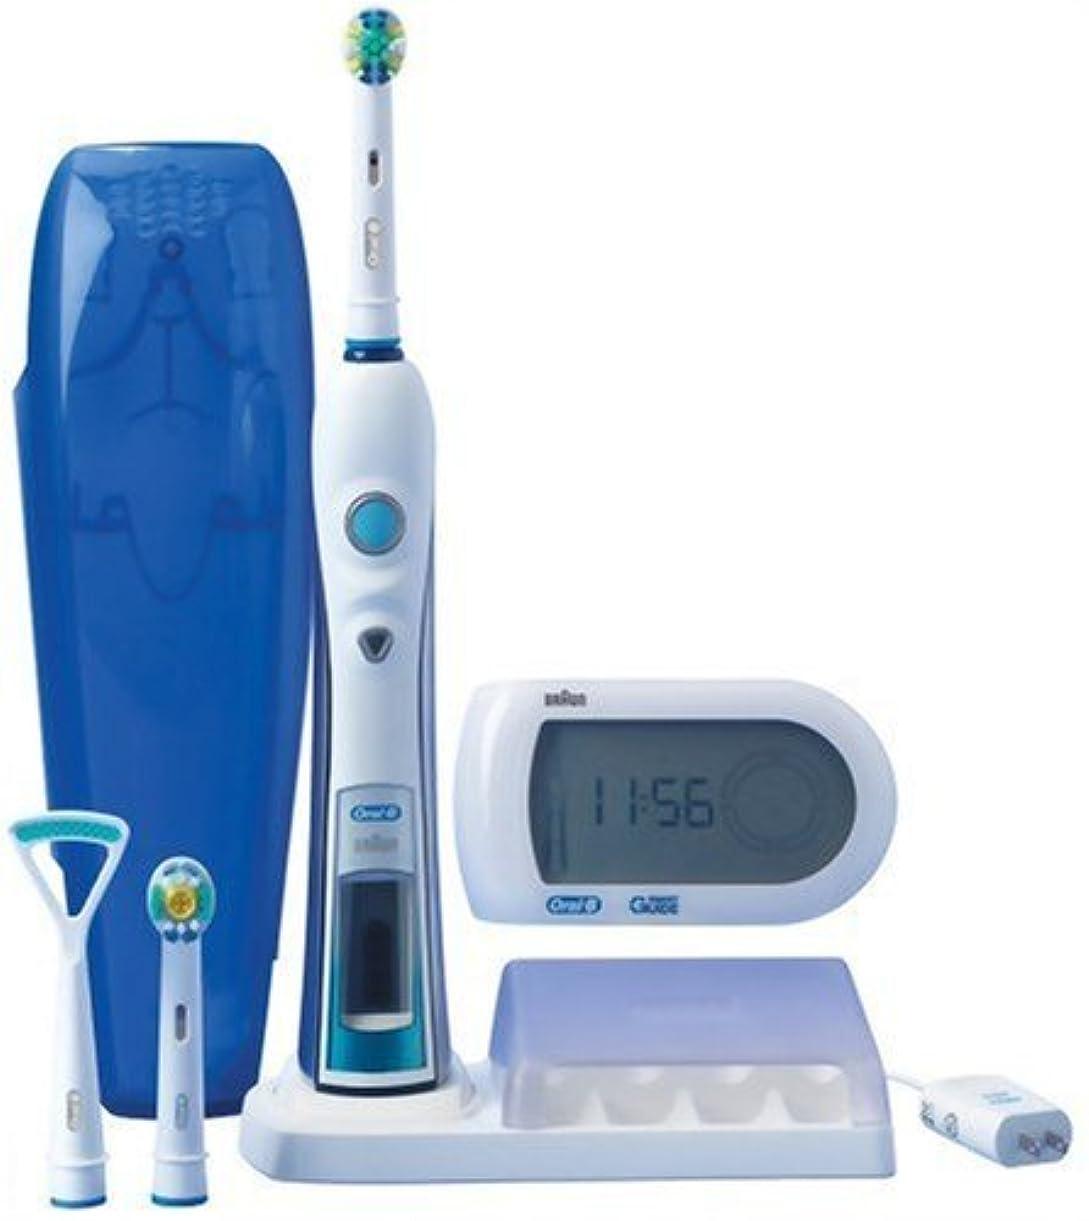 レンチ含意に向けて出発ブラウン オーラルB 電動歯ブラシ 多機能ハイグレードモデル 歯磨きナビ付 D325365X